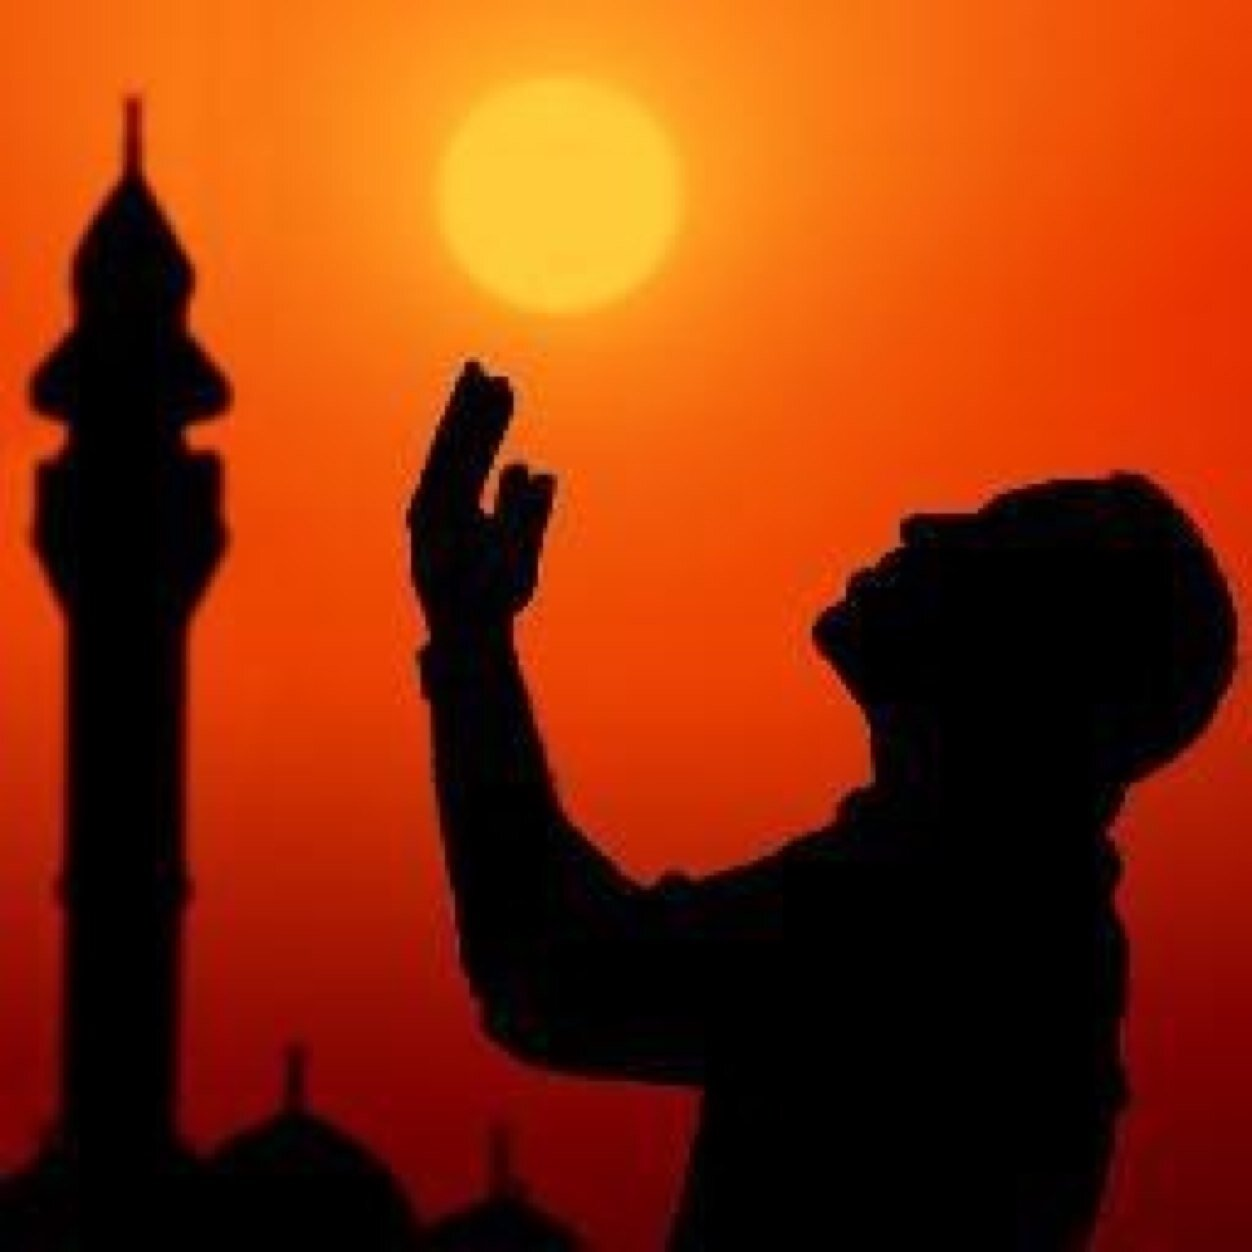 تعرف على دعاء اليوم الأول من رمضان اللـهم اجعل